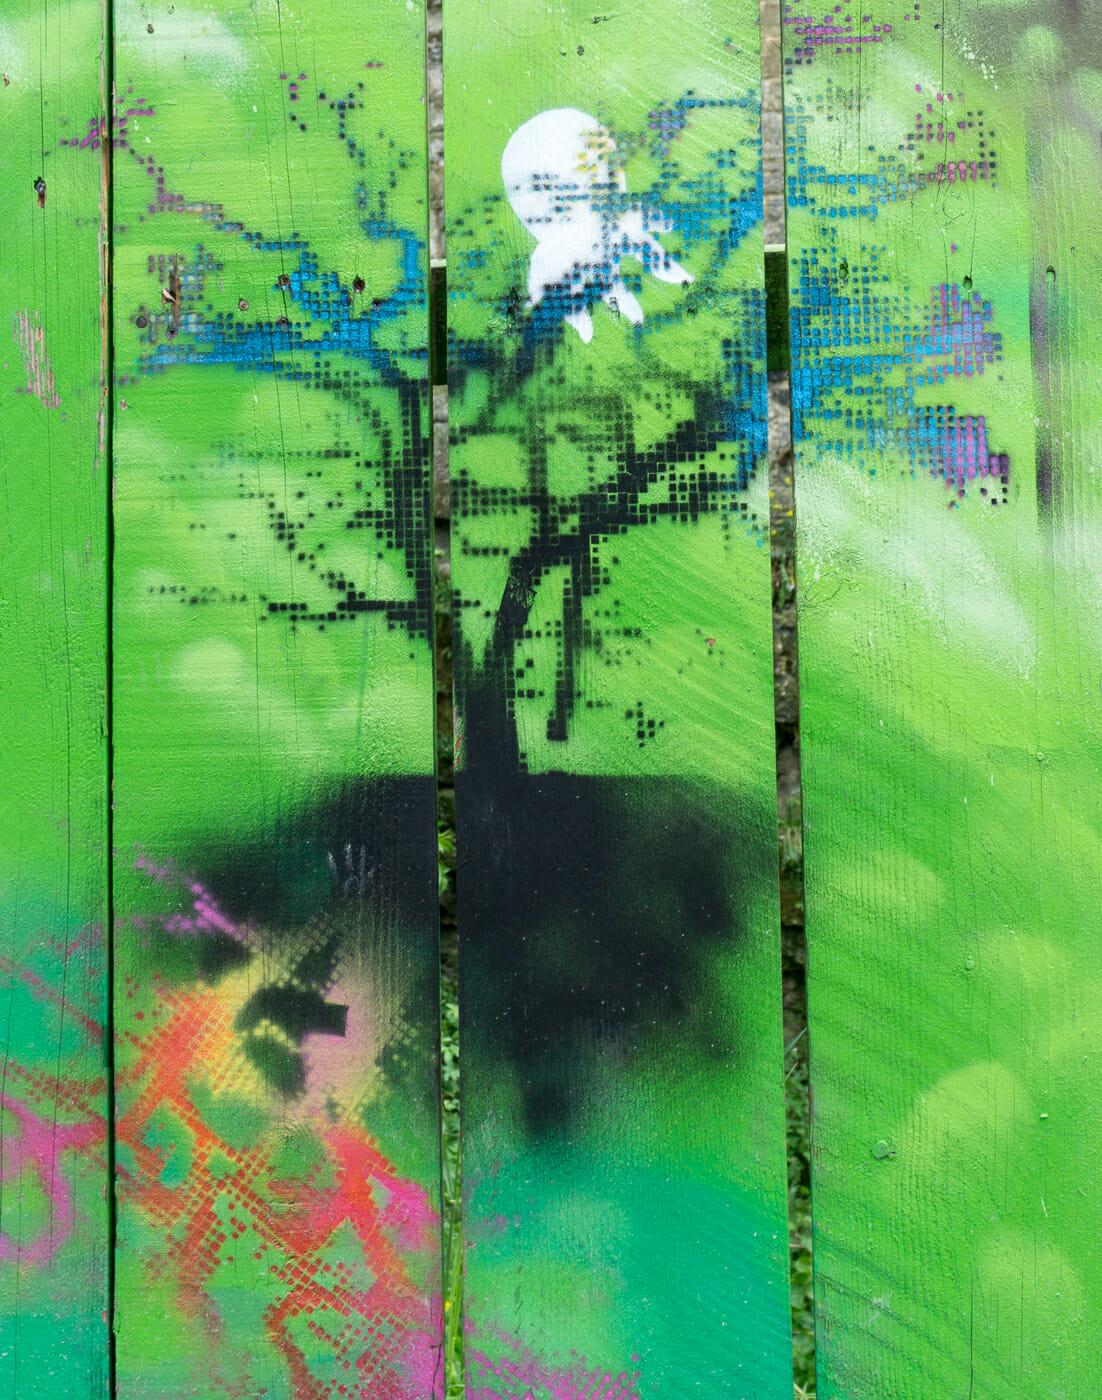 Arbre sur fond vert - Art de rue